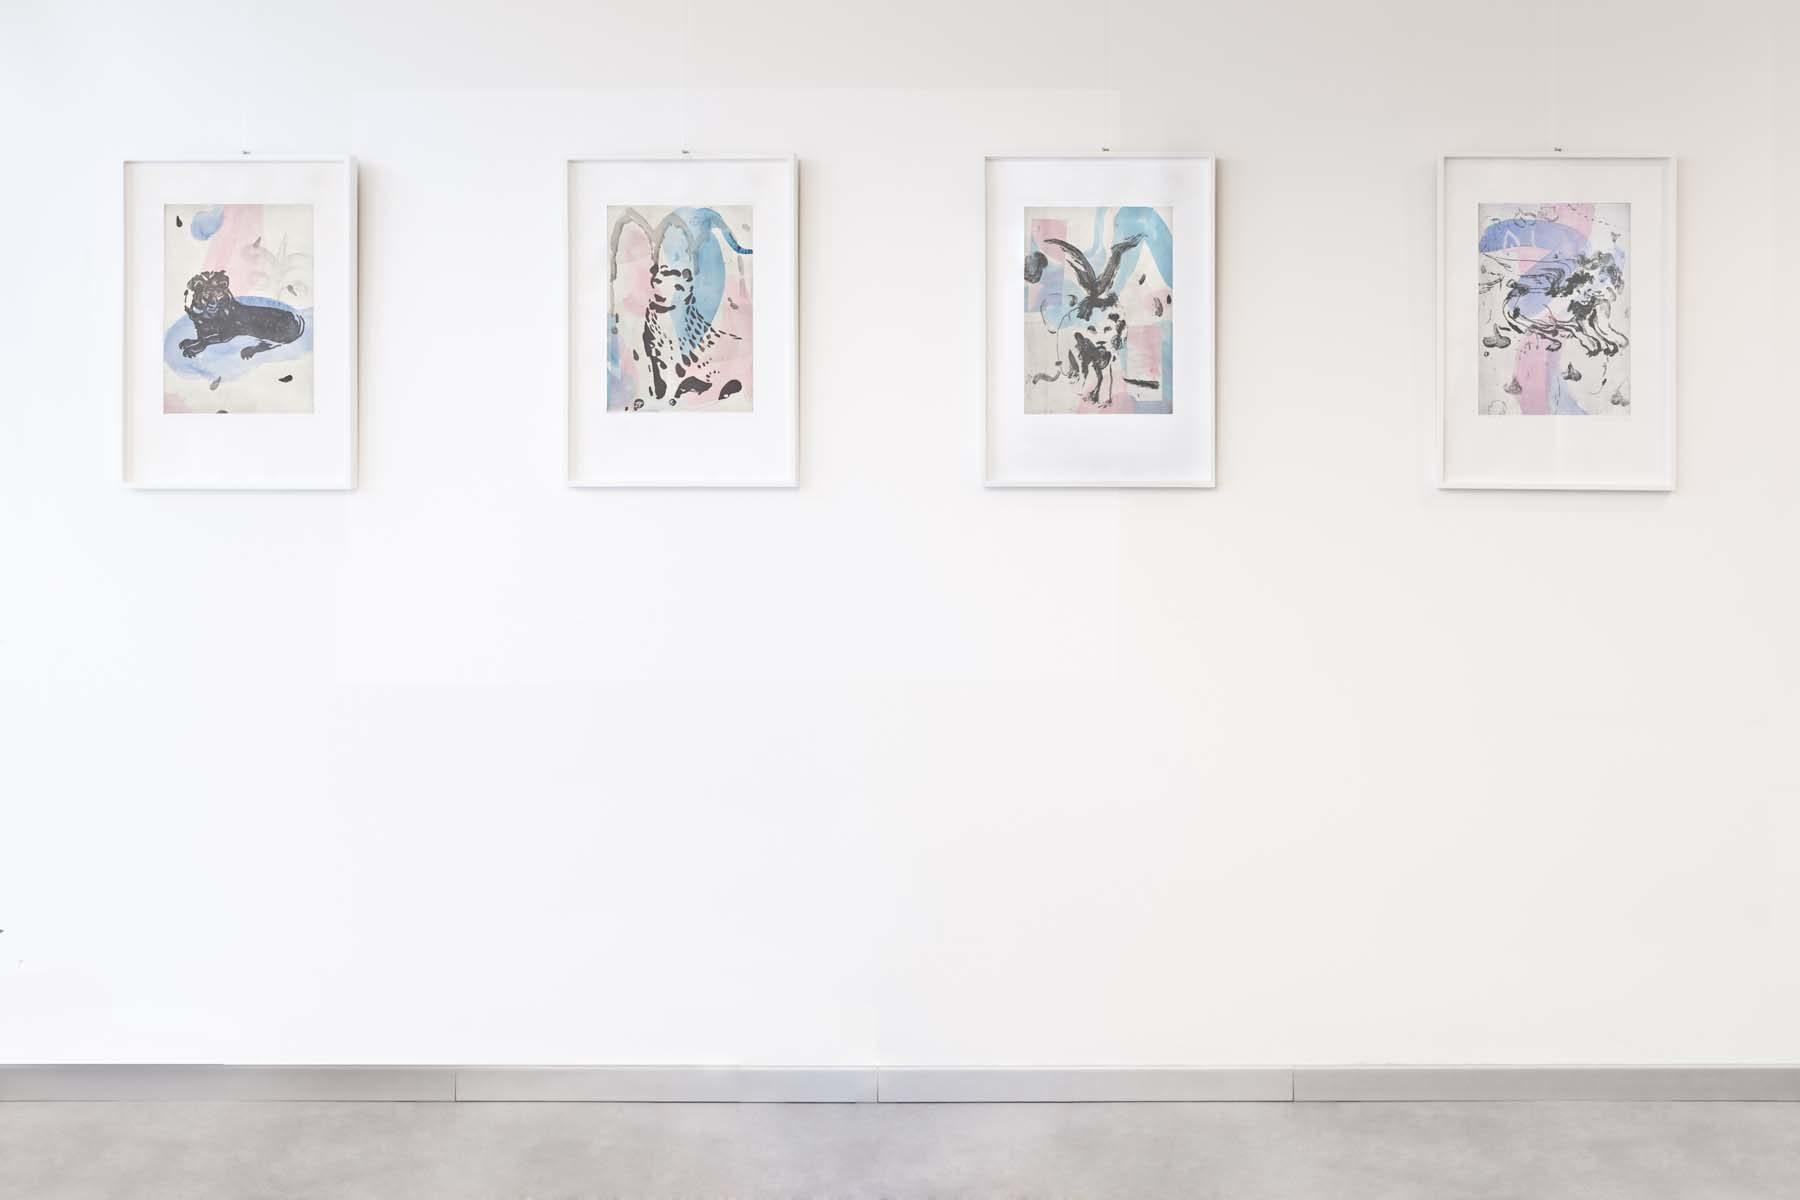 28. Raffaele Santillo, Pitture in attesa, vista della mostra, Ag. Generali, Pordenone, ph. N. Covre